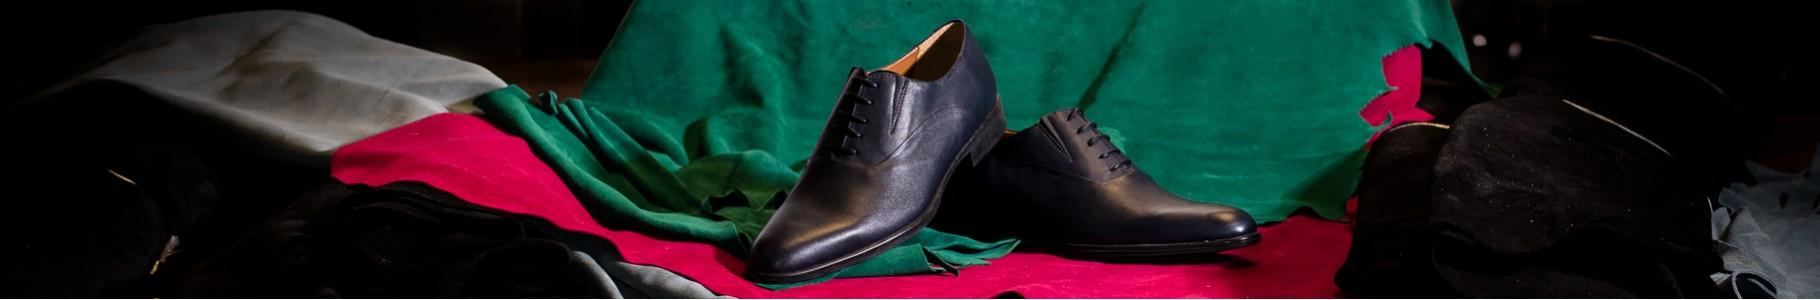 SALE Men's Elegant Shoes